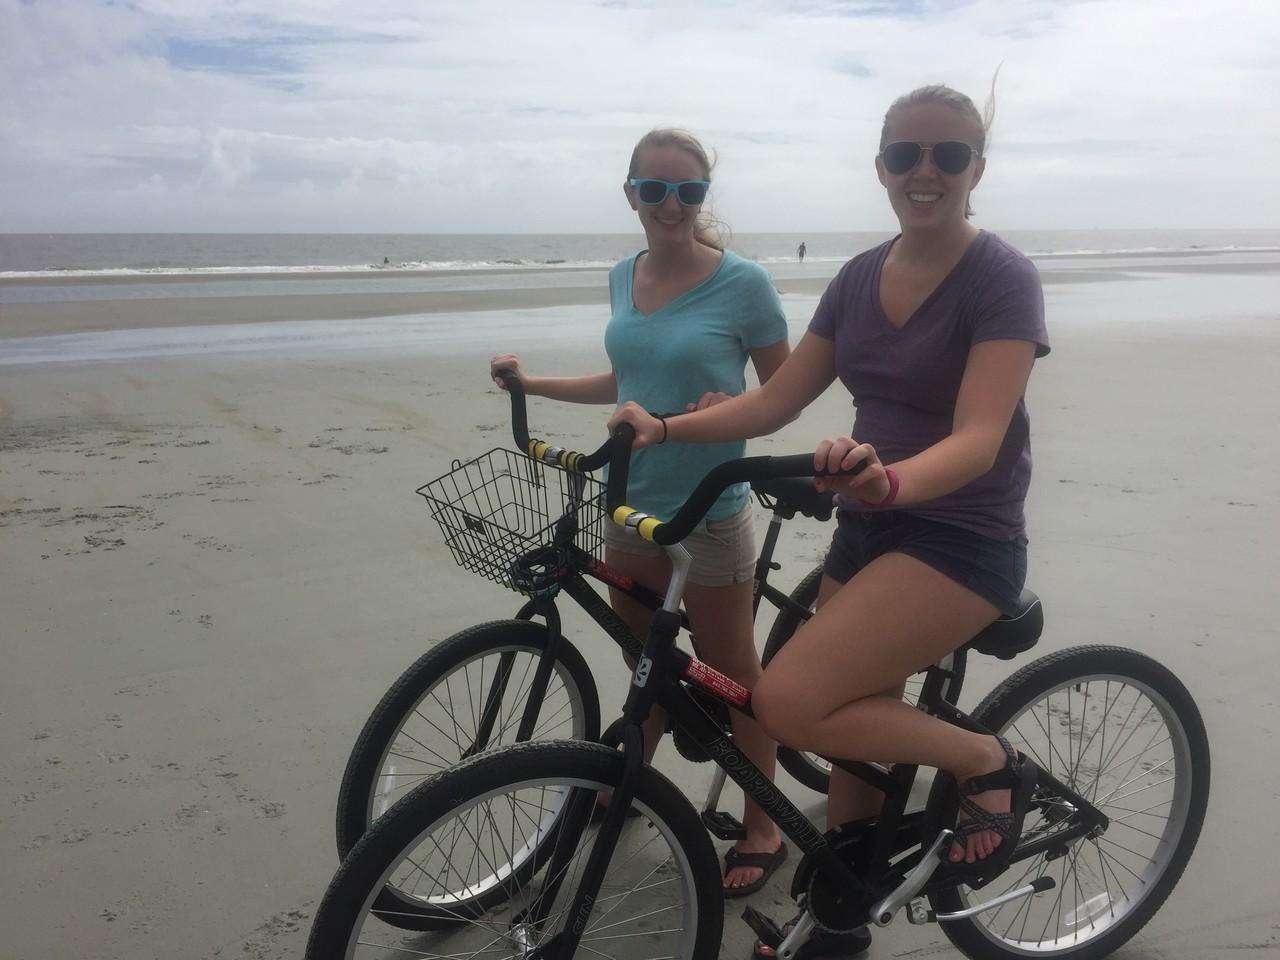 Activities - biking